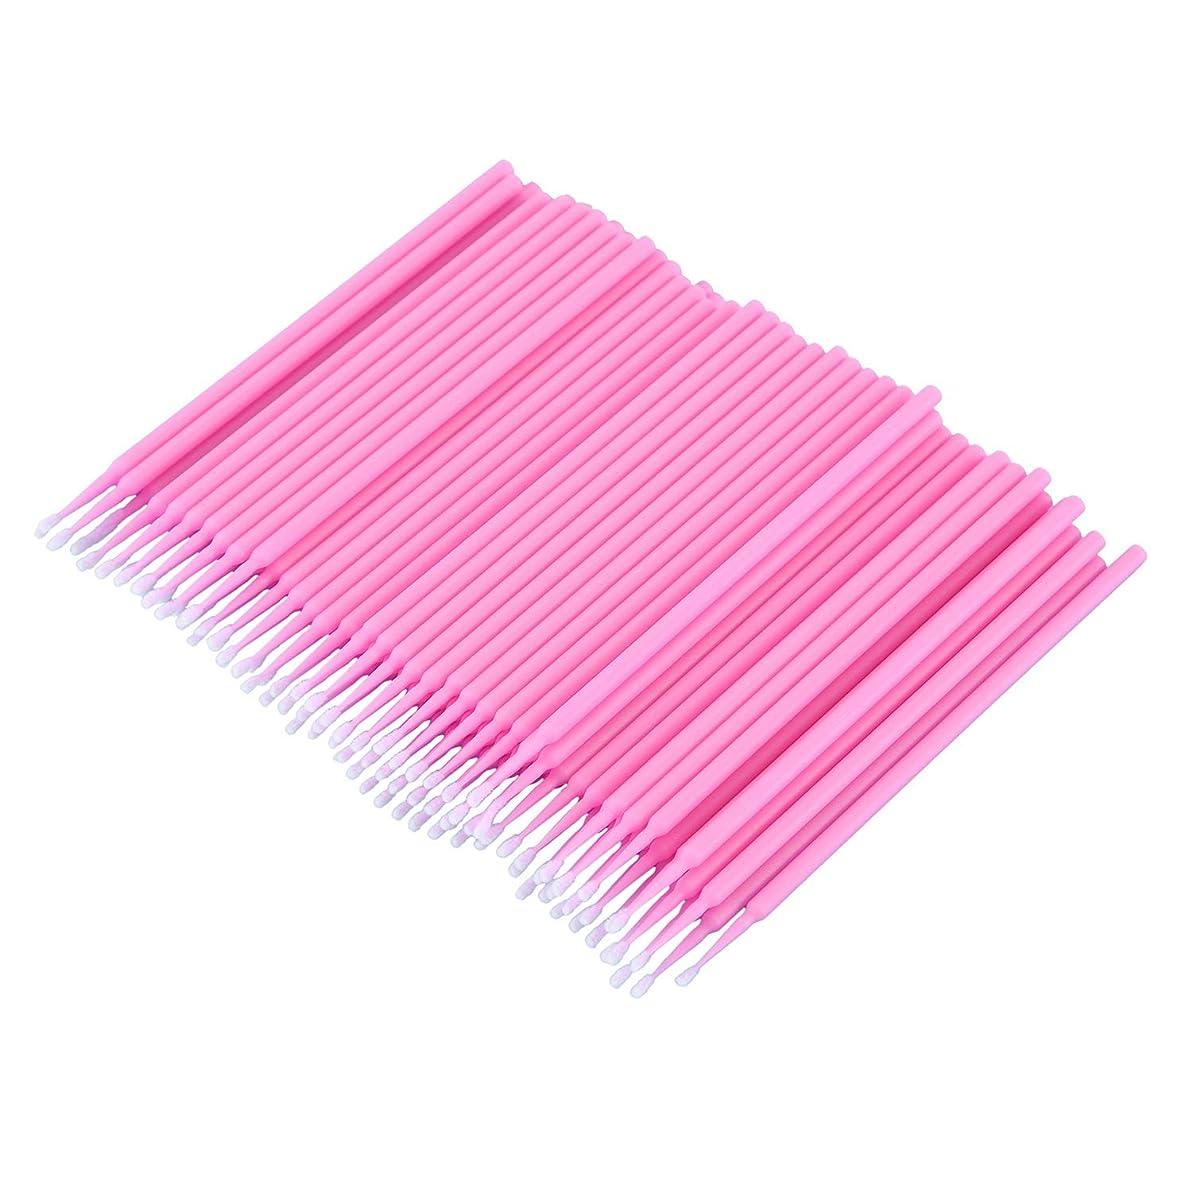 人気世辞福祉CUHAWUDBA 100個 歯科用マイクロブラシ 使い捨て材料 歯用アプリケーター ミディアムファイン(ピンク)